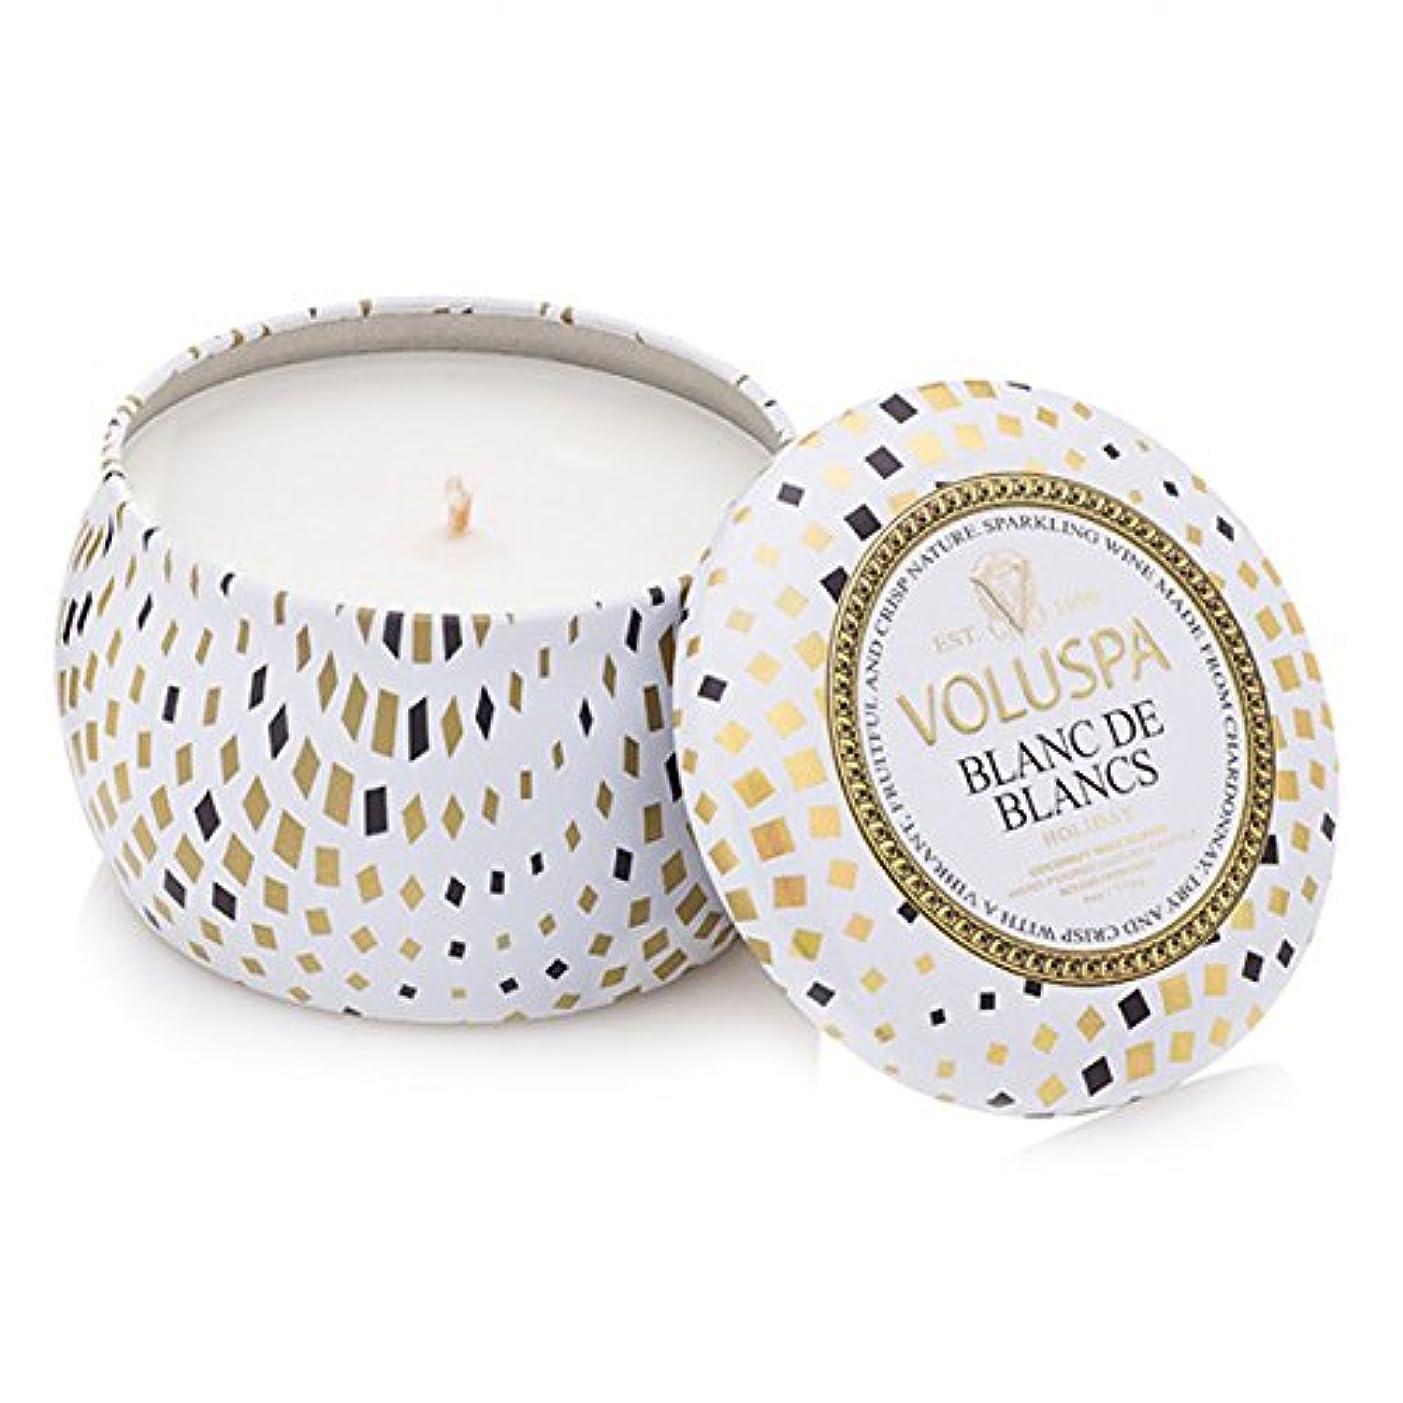 薬局場合の間でVoluspa ボルスパ メゾンホリデー ティンキャンドル  S ブラン ド ブラン BLANC DE BLANCS MASION HOLIDAY PETITE Tin Glass Candle